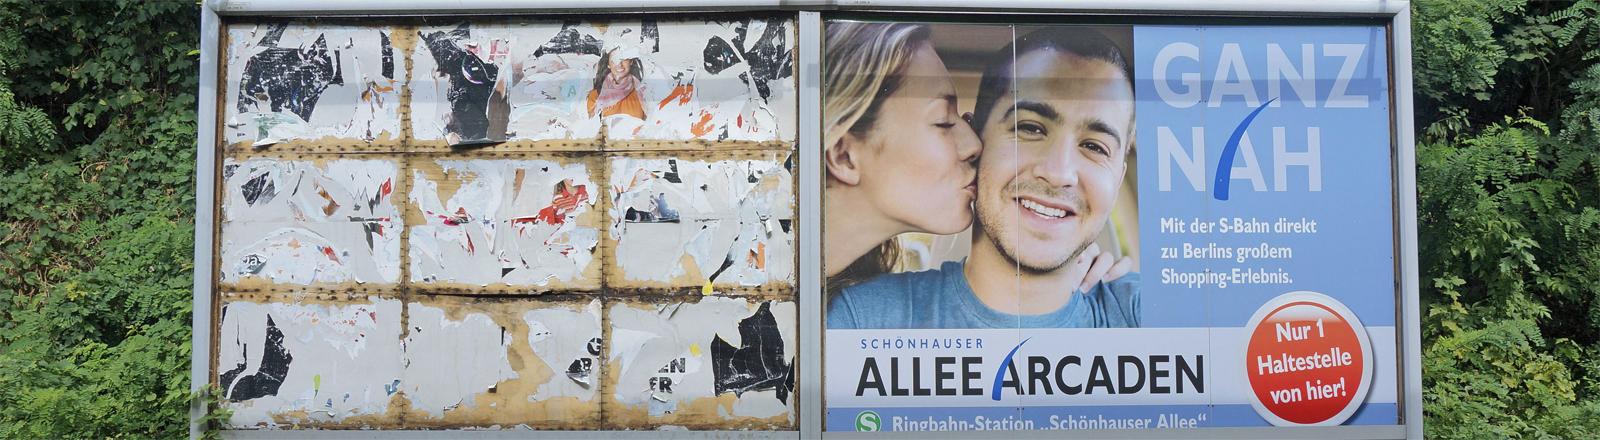 Plakate am Berliner S-Bahnhof Prenzlauer Allee im Jahr 2013